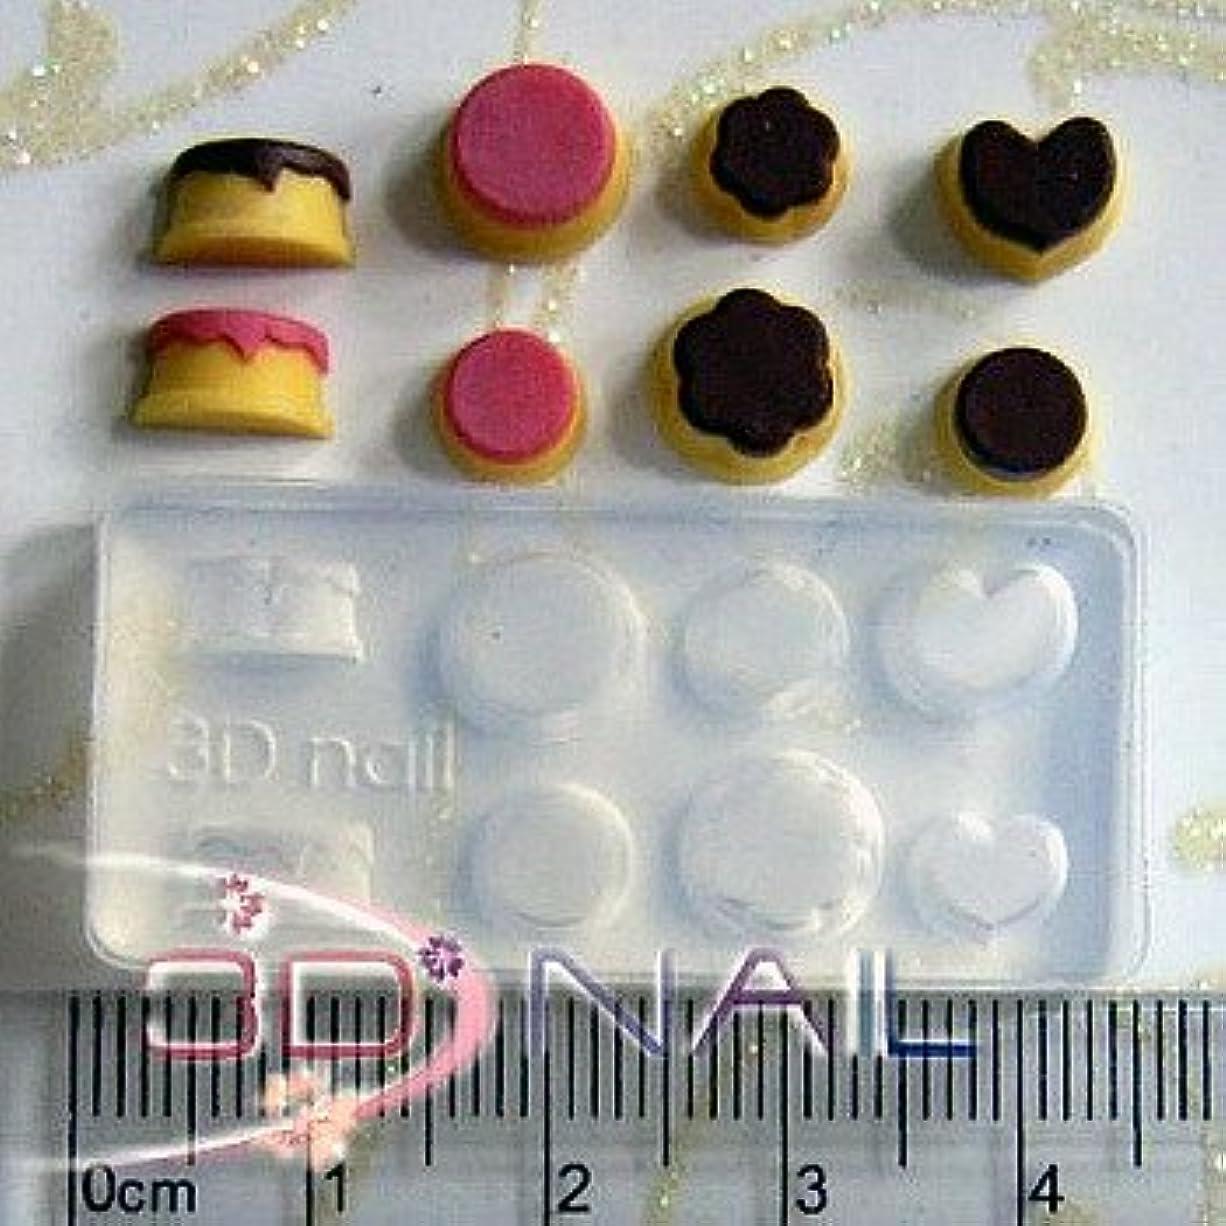 診療所魔女ニッケル3Dシリコンモールド 自分でできる3Dネイル ネイルアート3D シリコン型 アクリルパウダーやジェルで簡単に!